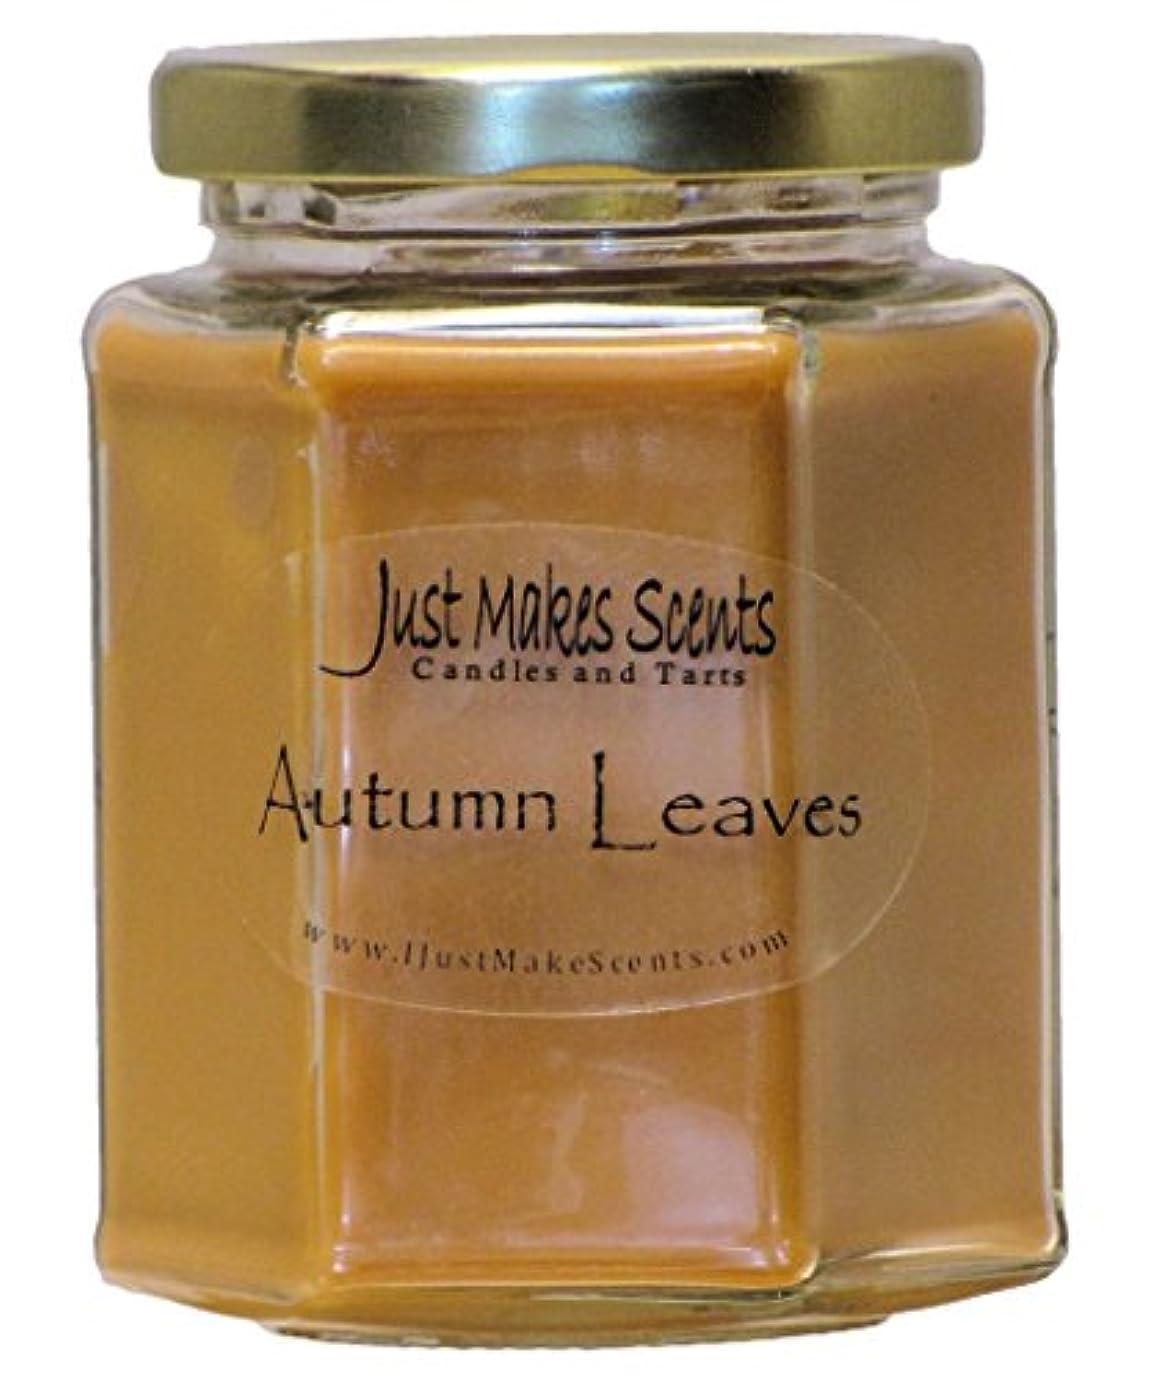 持っているやりすぎ悪質なAutumn Leaves香りつきBlended Soy Candle by Just Makes Scents